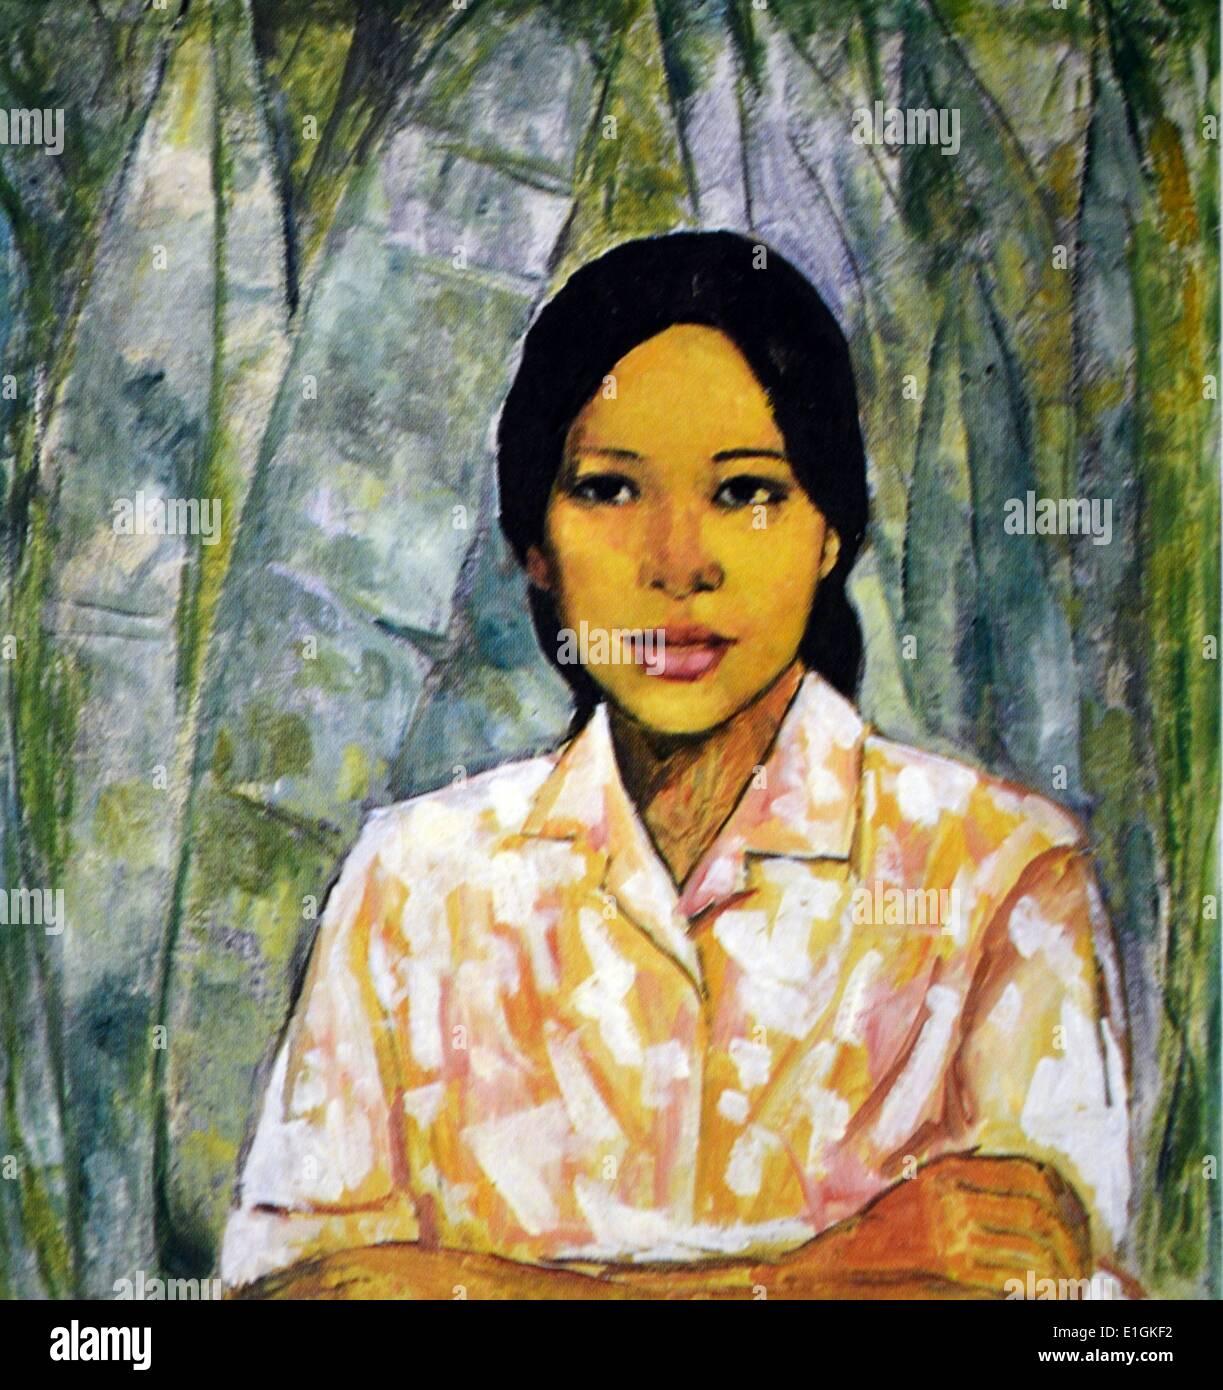 Victorio C. Edades, Mädchen vom Lande, ca. 1960.  Öl auf Leinwand. Stockbild